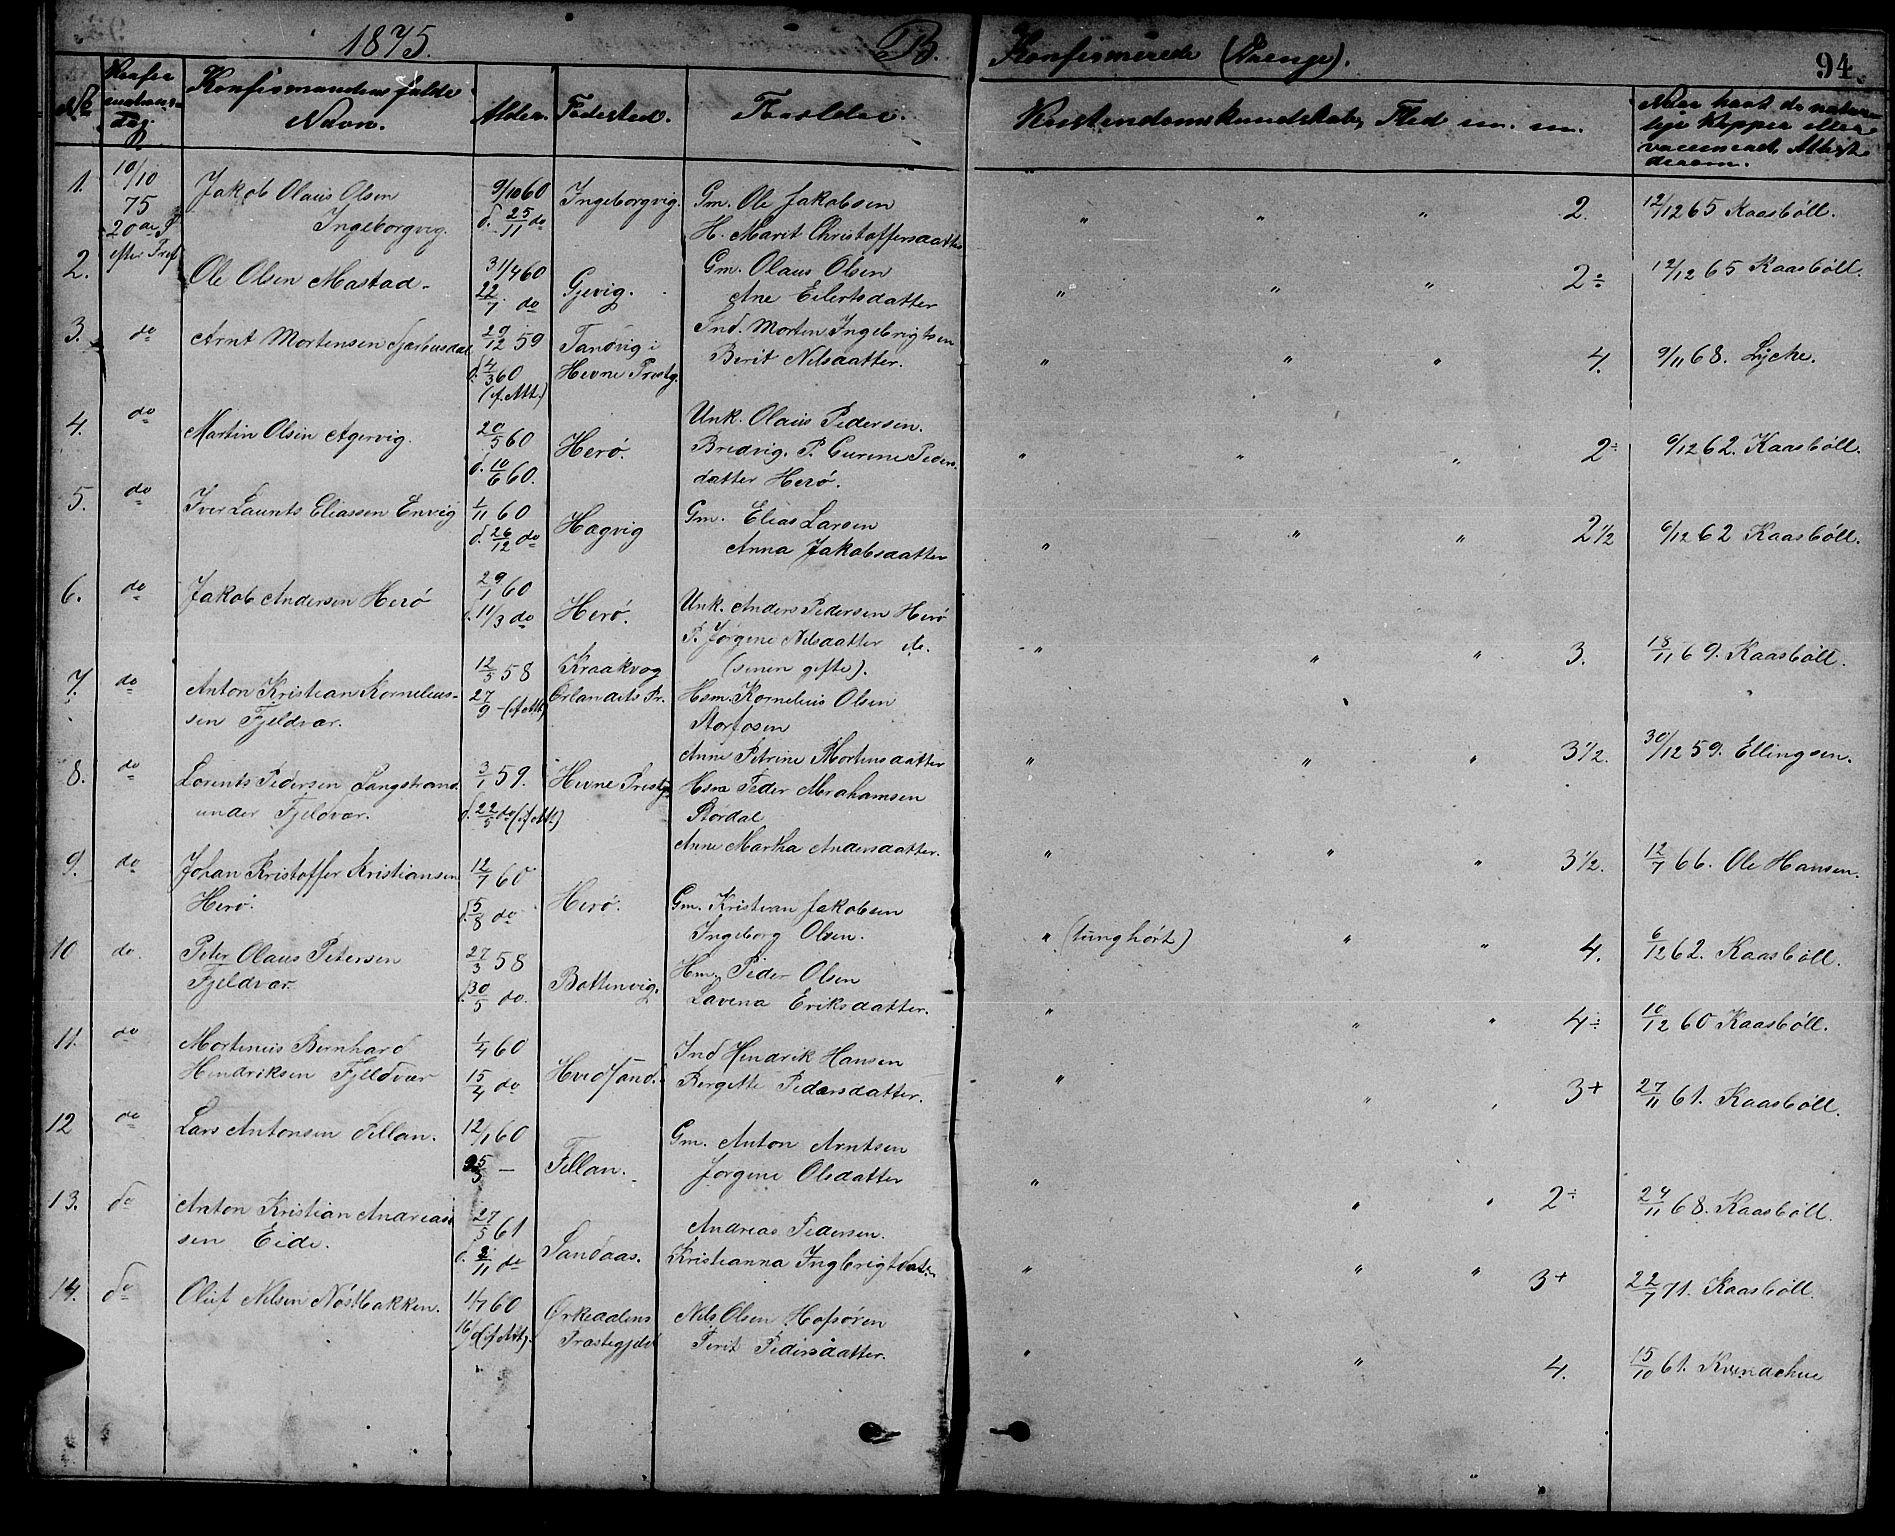 SAT, Ministerialprotokoller, klokkerbøker og fødselsregistre - Sør-Trøndelag, 637/L0561: Klokkerbok nr. 637C02, 1873-1882, s. 94